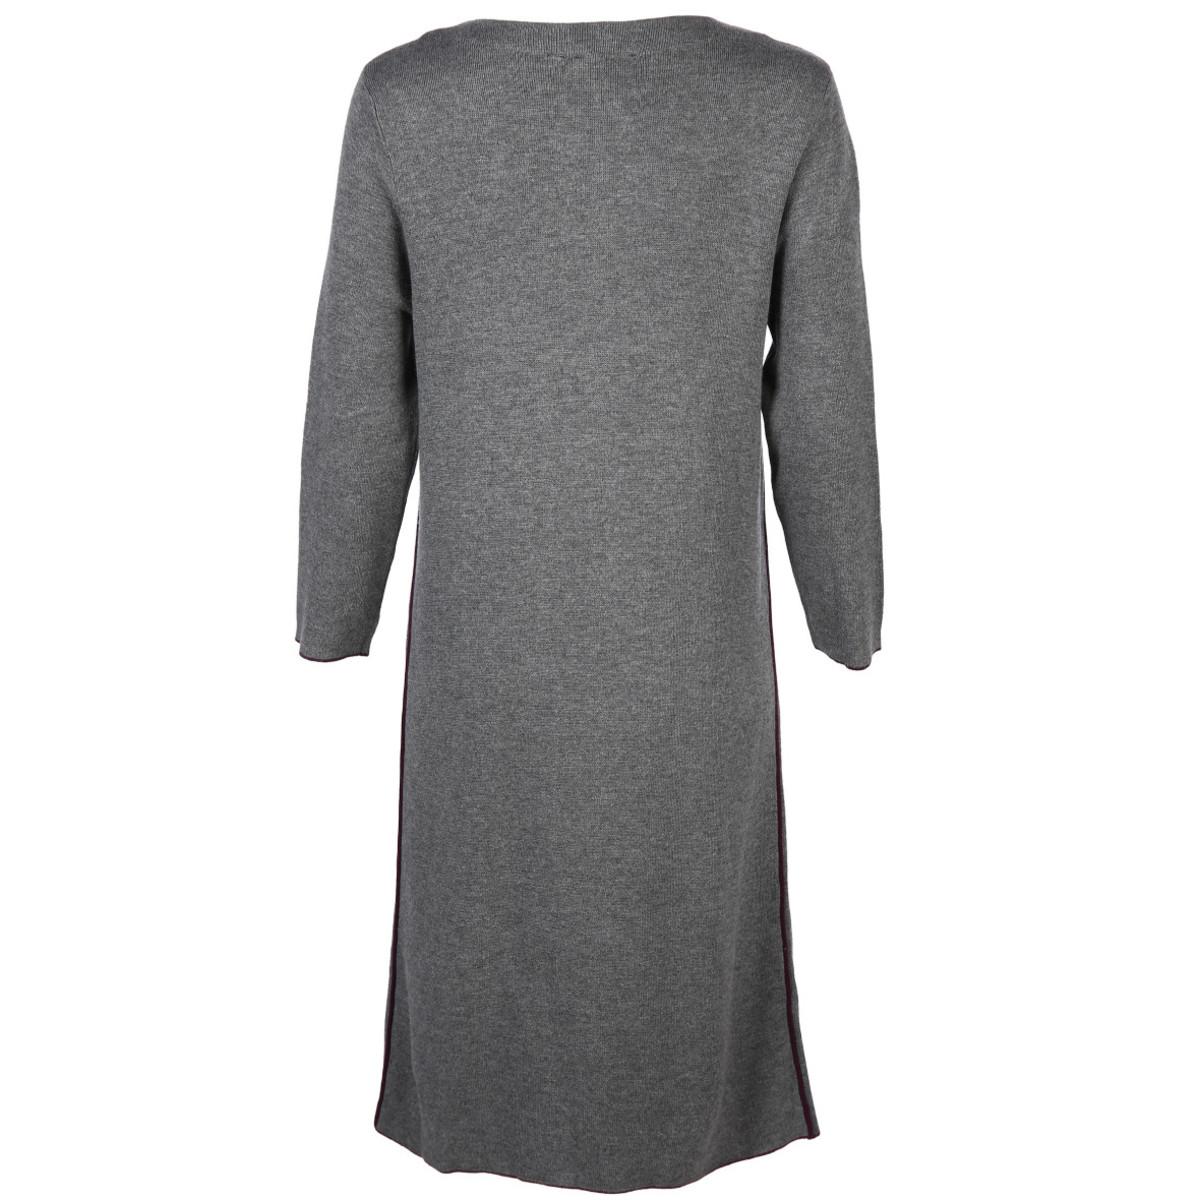 Bild 2 von Damen Kleid mit 3/4 Ärmeln